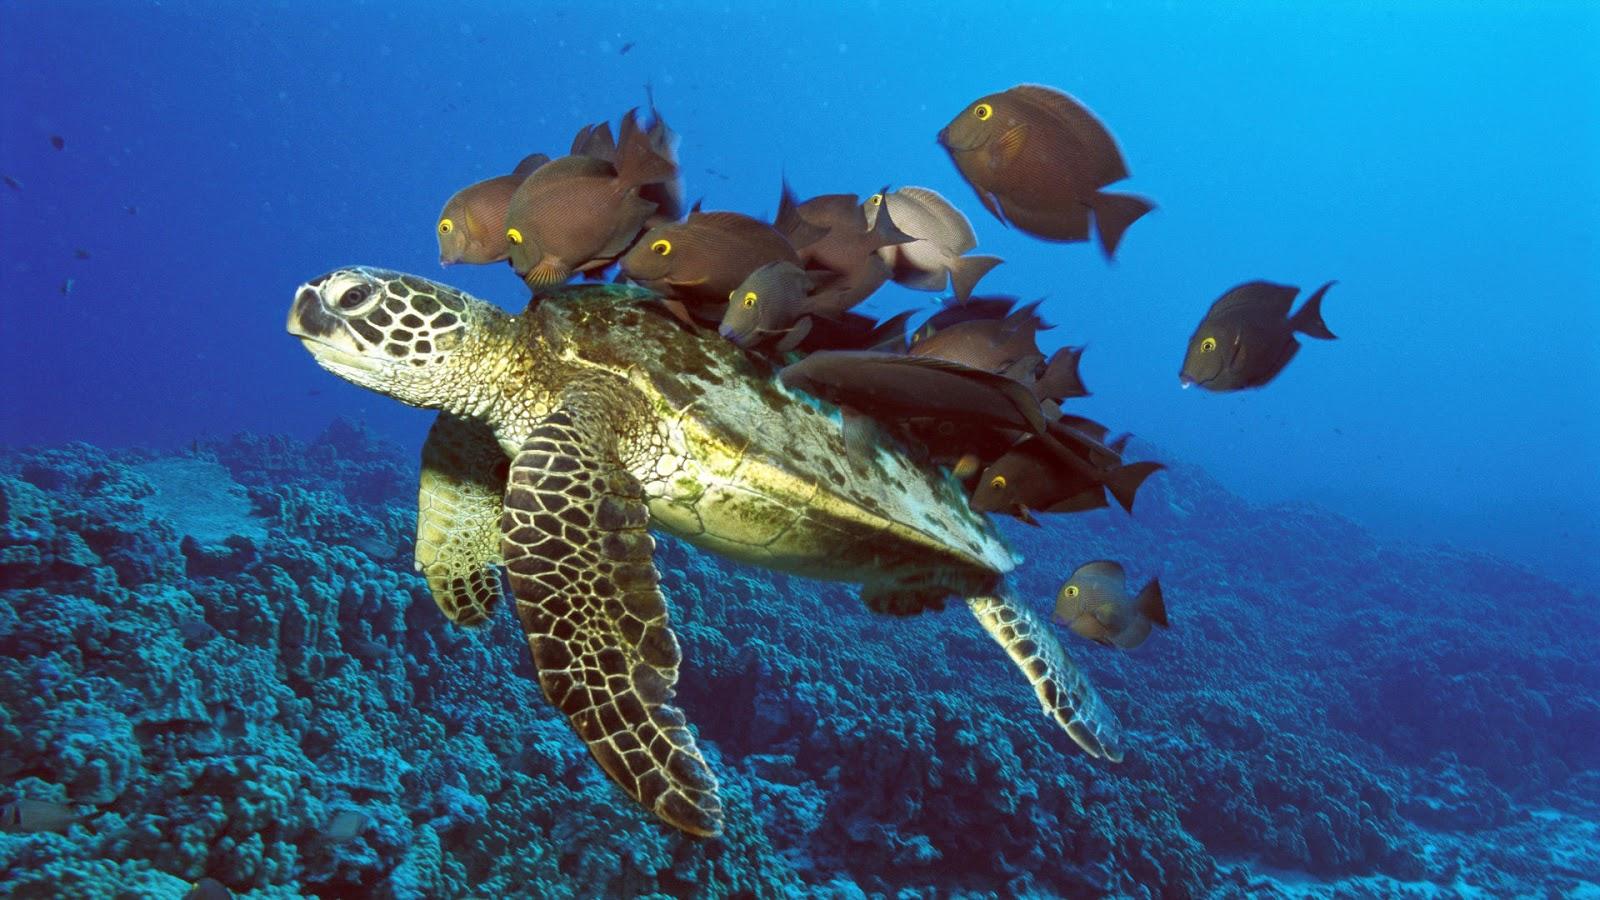 http://4.bp.blogspot.com/-pSFaoGIWeCY/UHa7zM_5EaI/AAAAAAAAGmk/Gqb5NO8eEIw/s1600/Sea_Turtle_Wallpaper_7.jpg